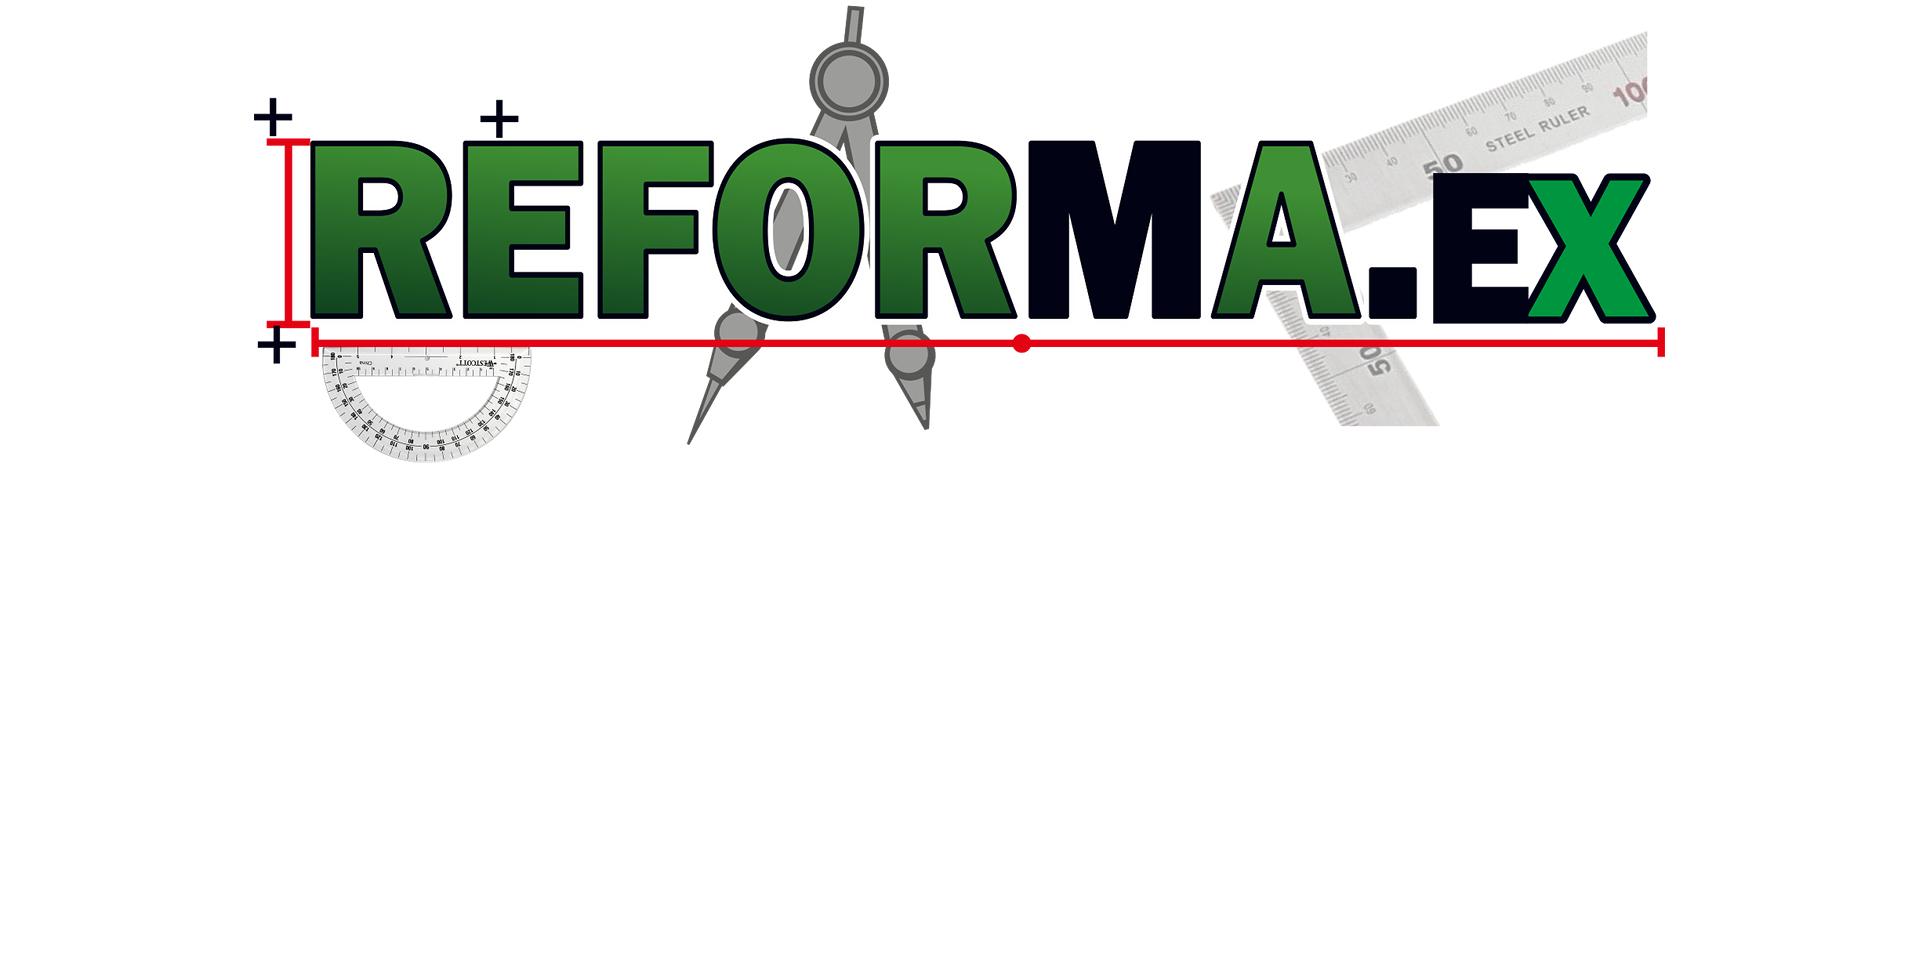 reformaex-slide00